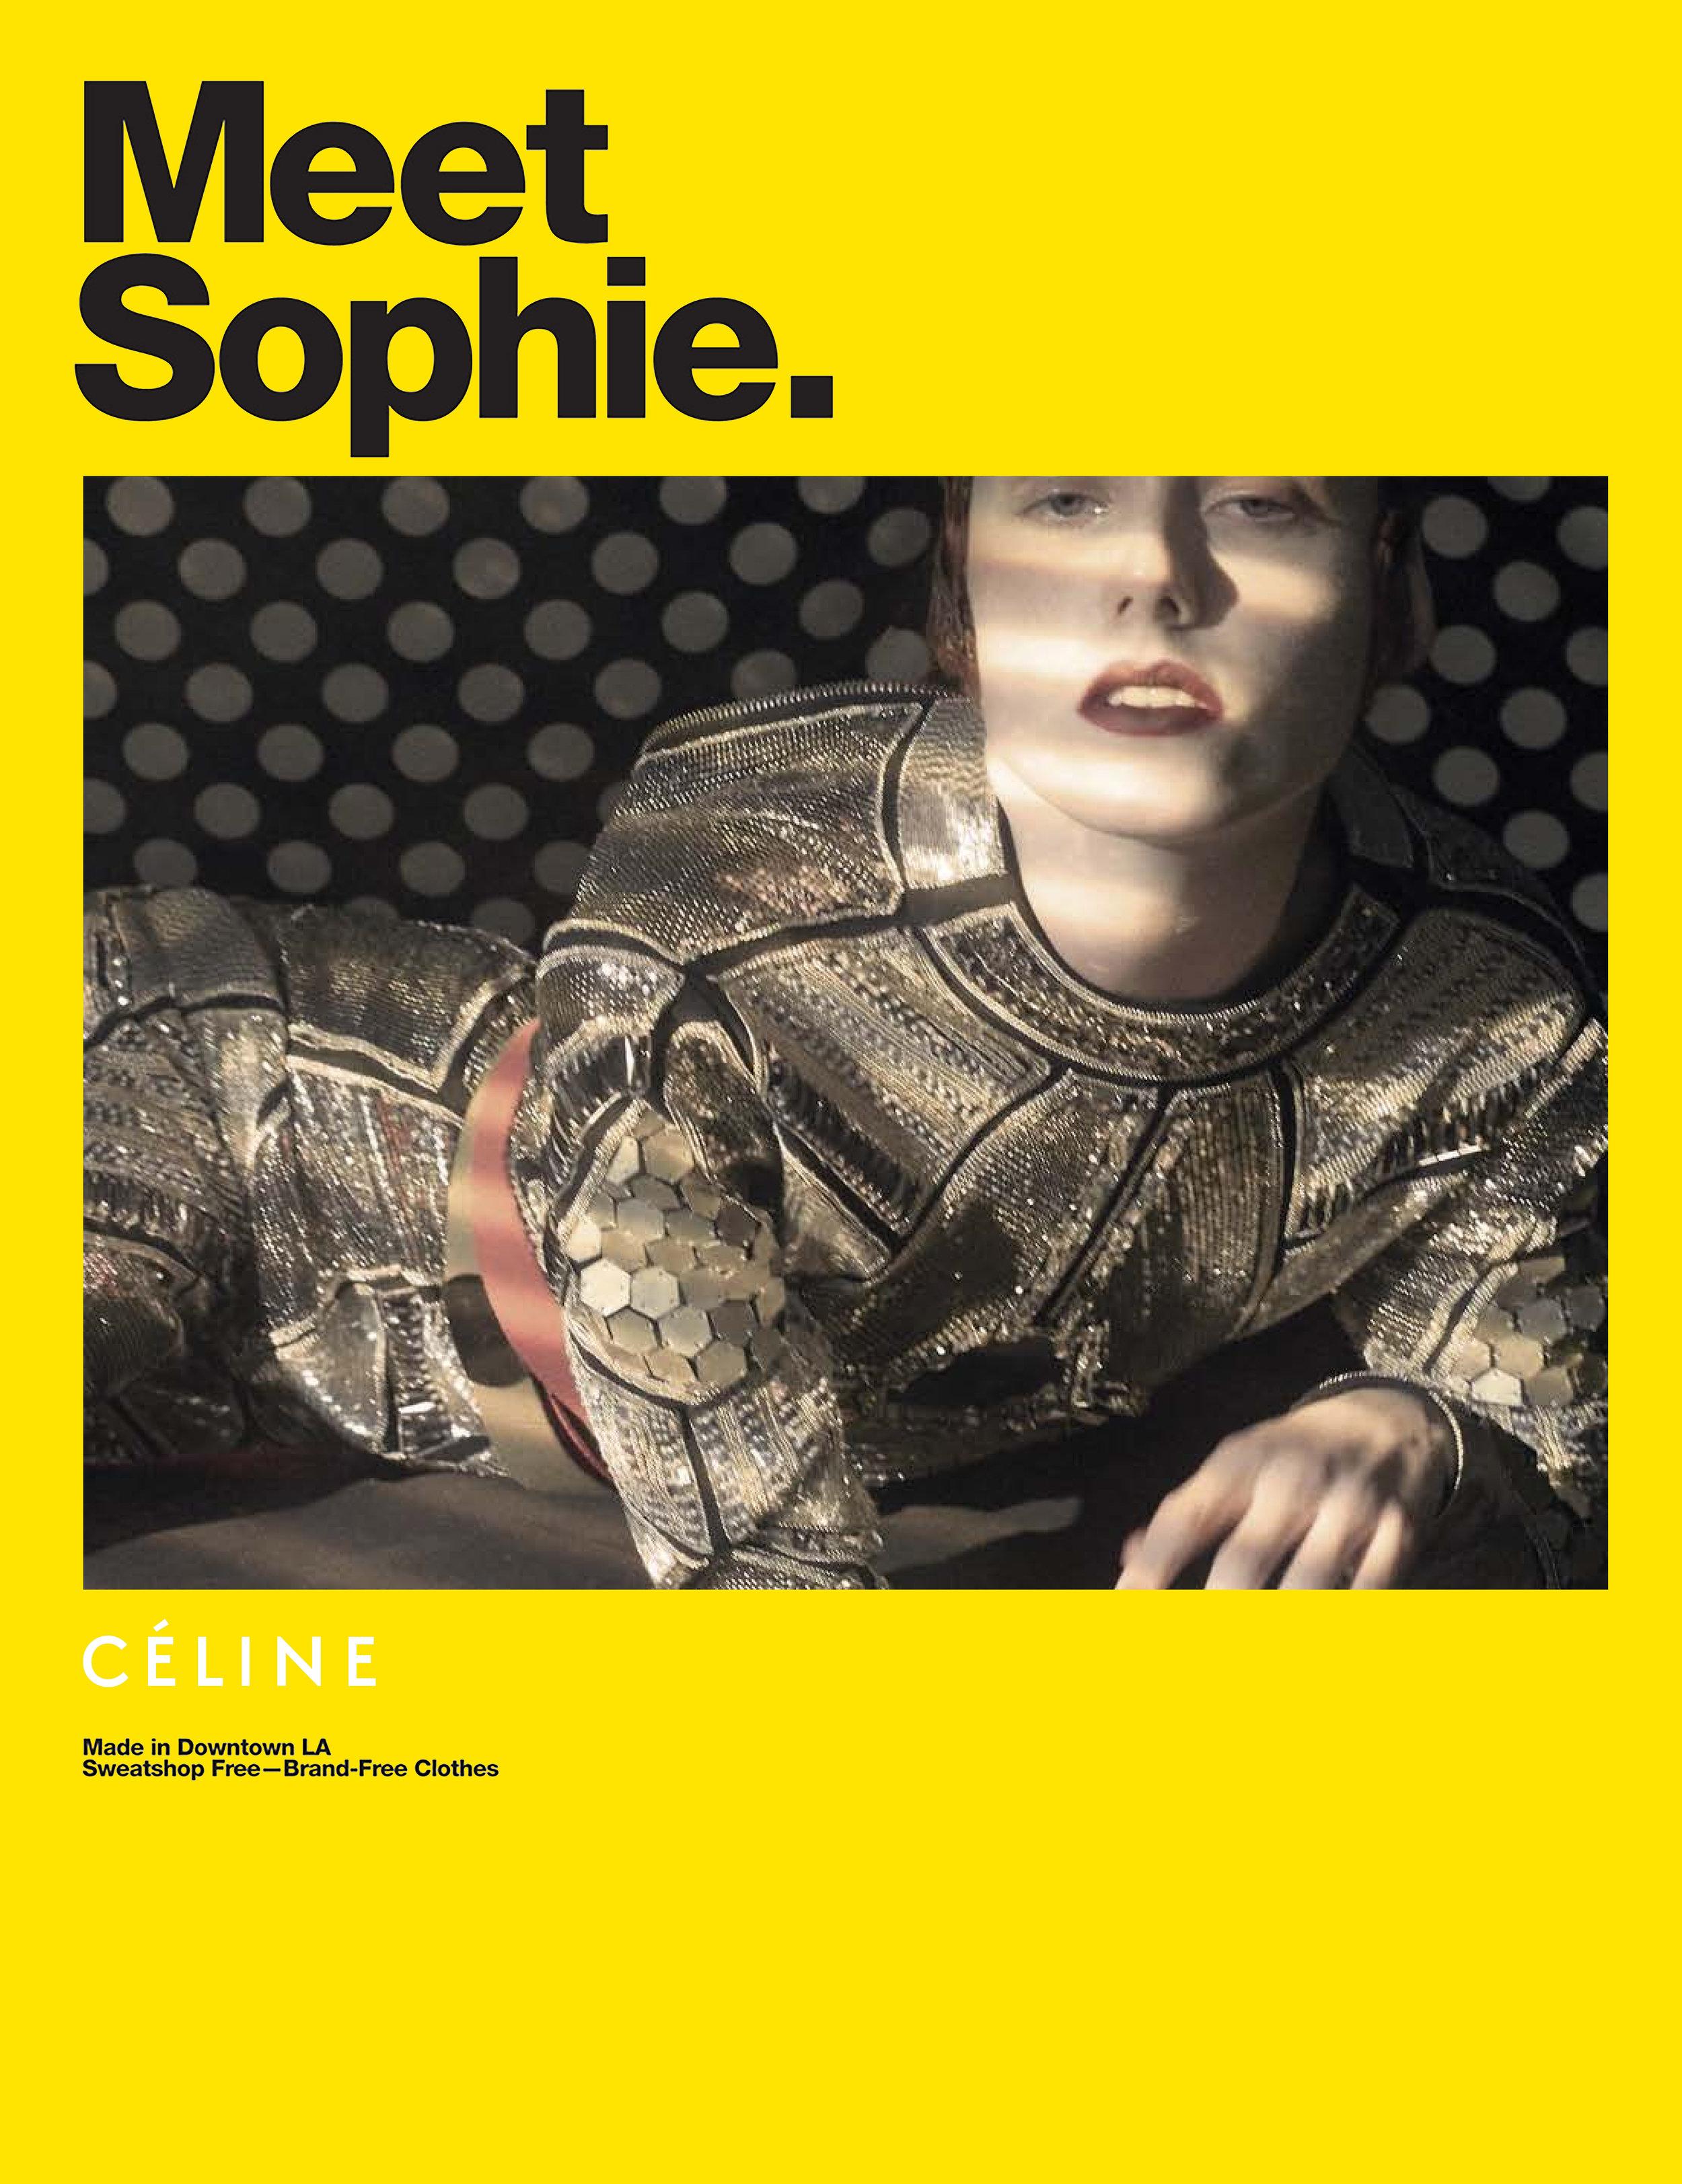 Sophie ad.jpg